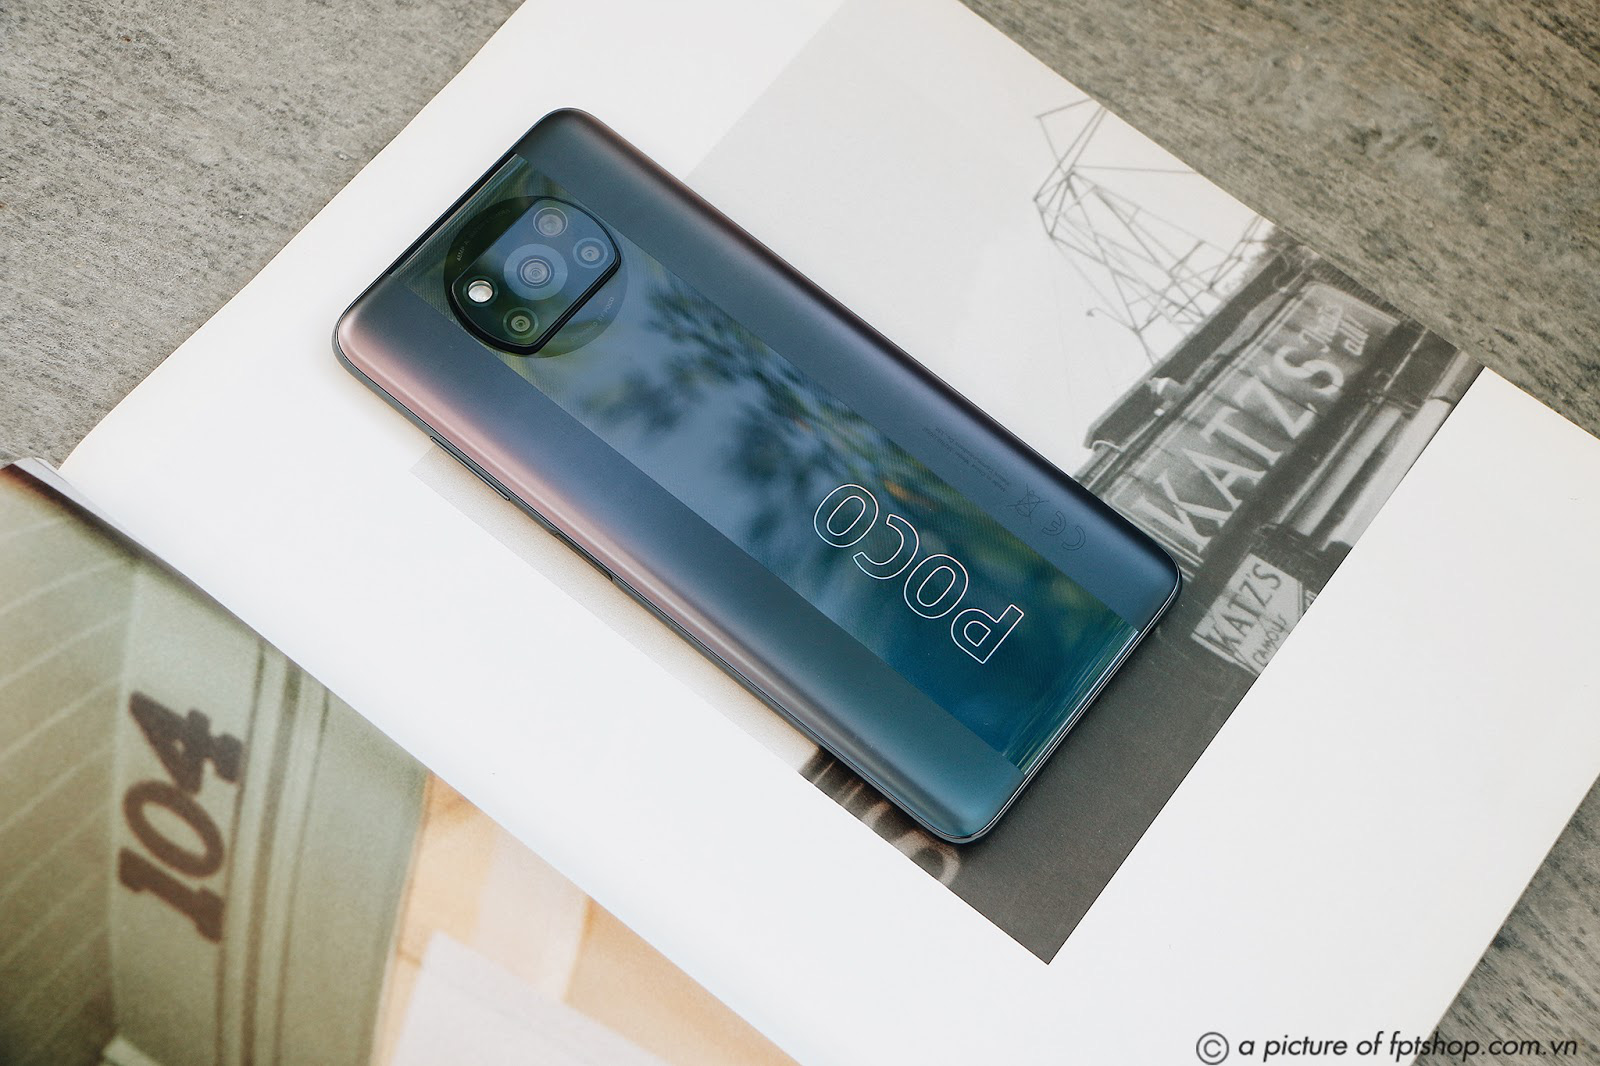 FPT Shop tặng phiếu mua hàng 1 triệu đồng cho khách hàng sở hữu Xiaomi POCO X3 Pro 256GB - Ảnh 3.